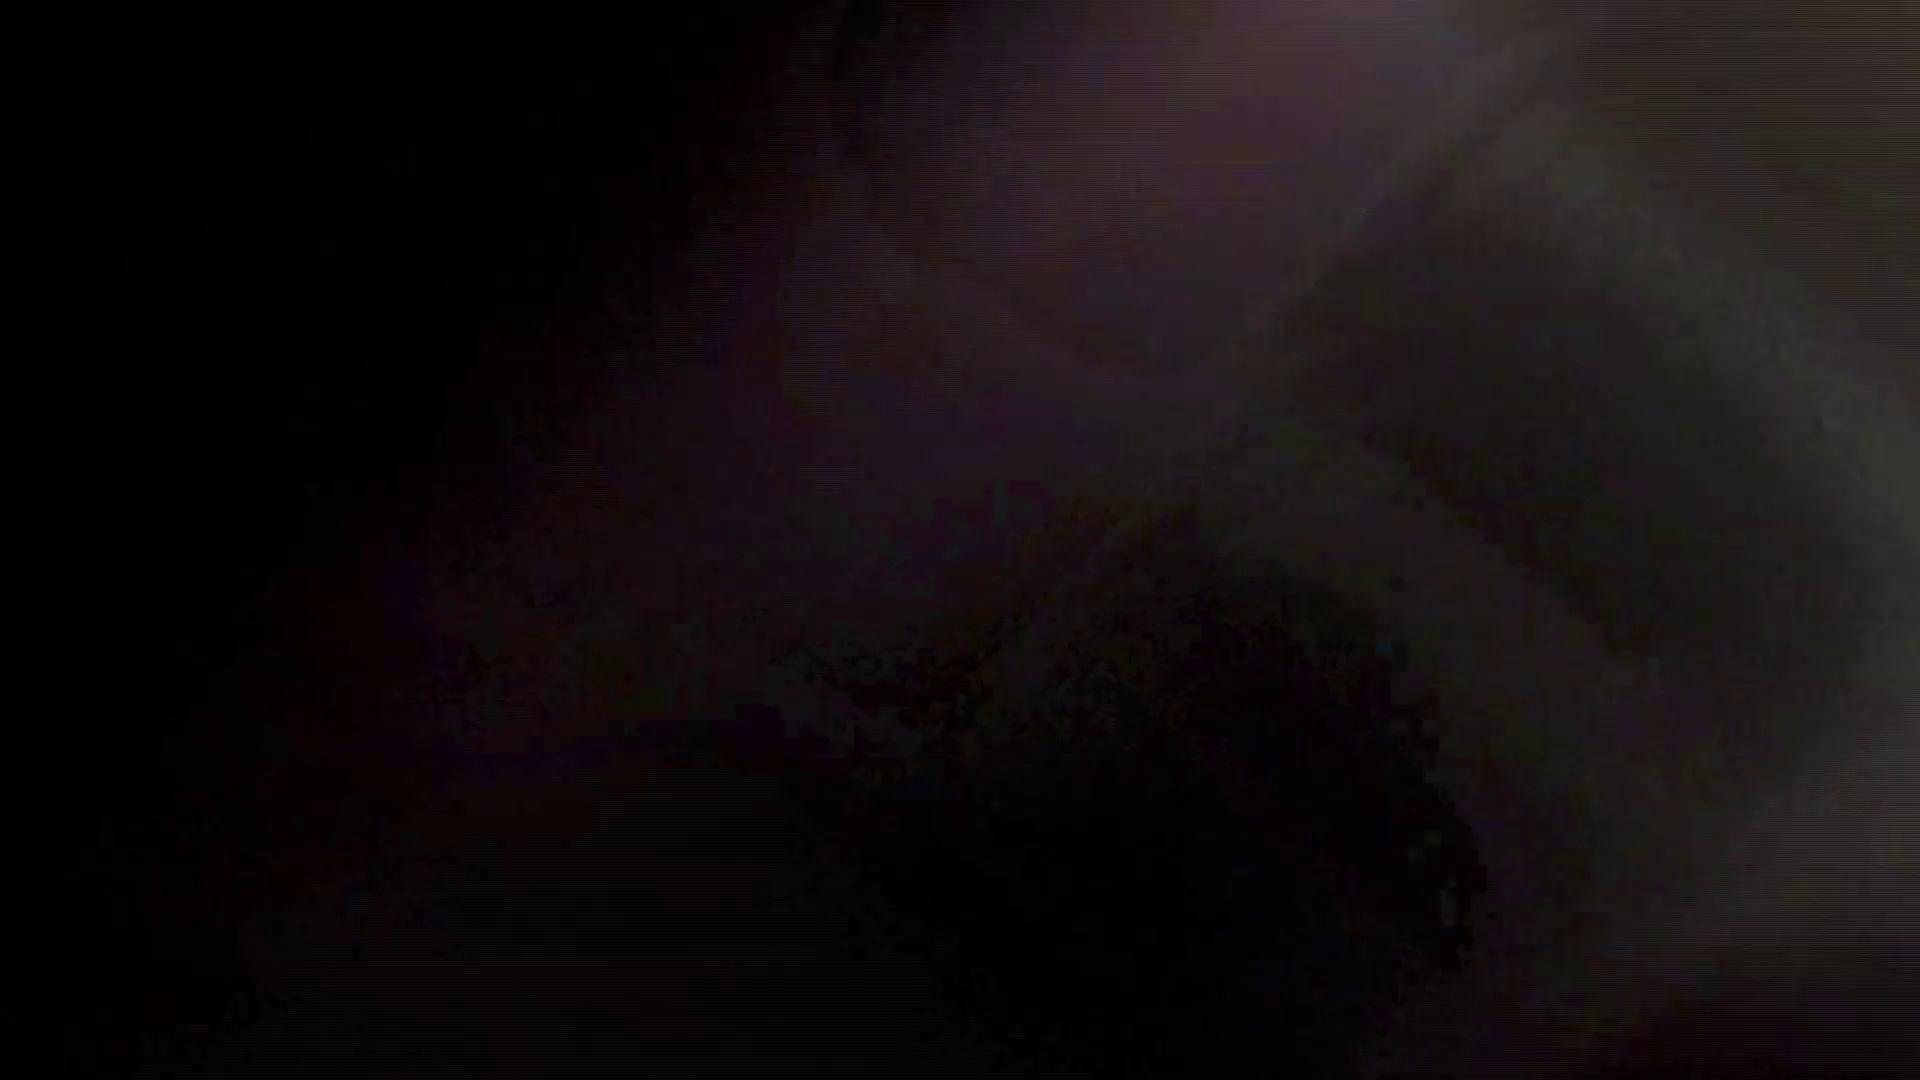 美しい日本の未来 No.29 豹柄サンダルは便秘気味??? 覗き おめこ無修正動画無料 81連発 9